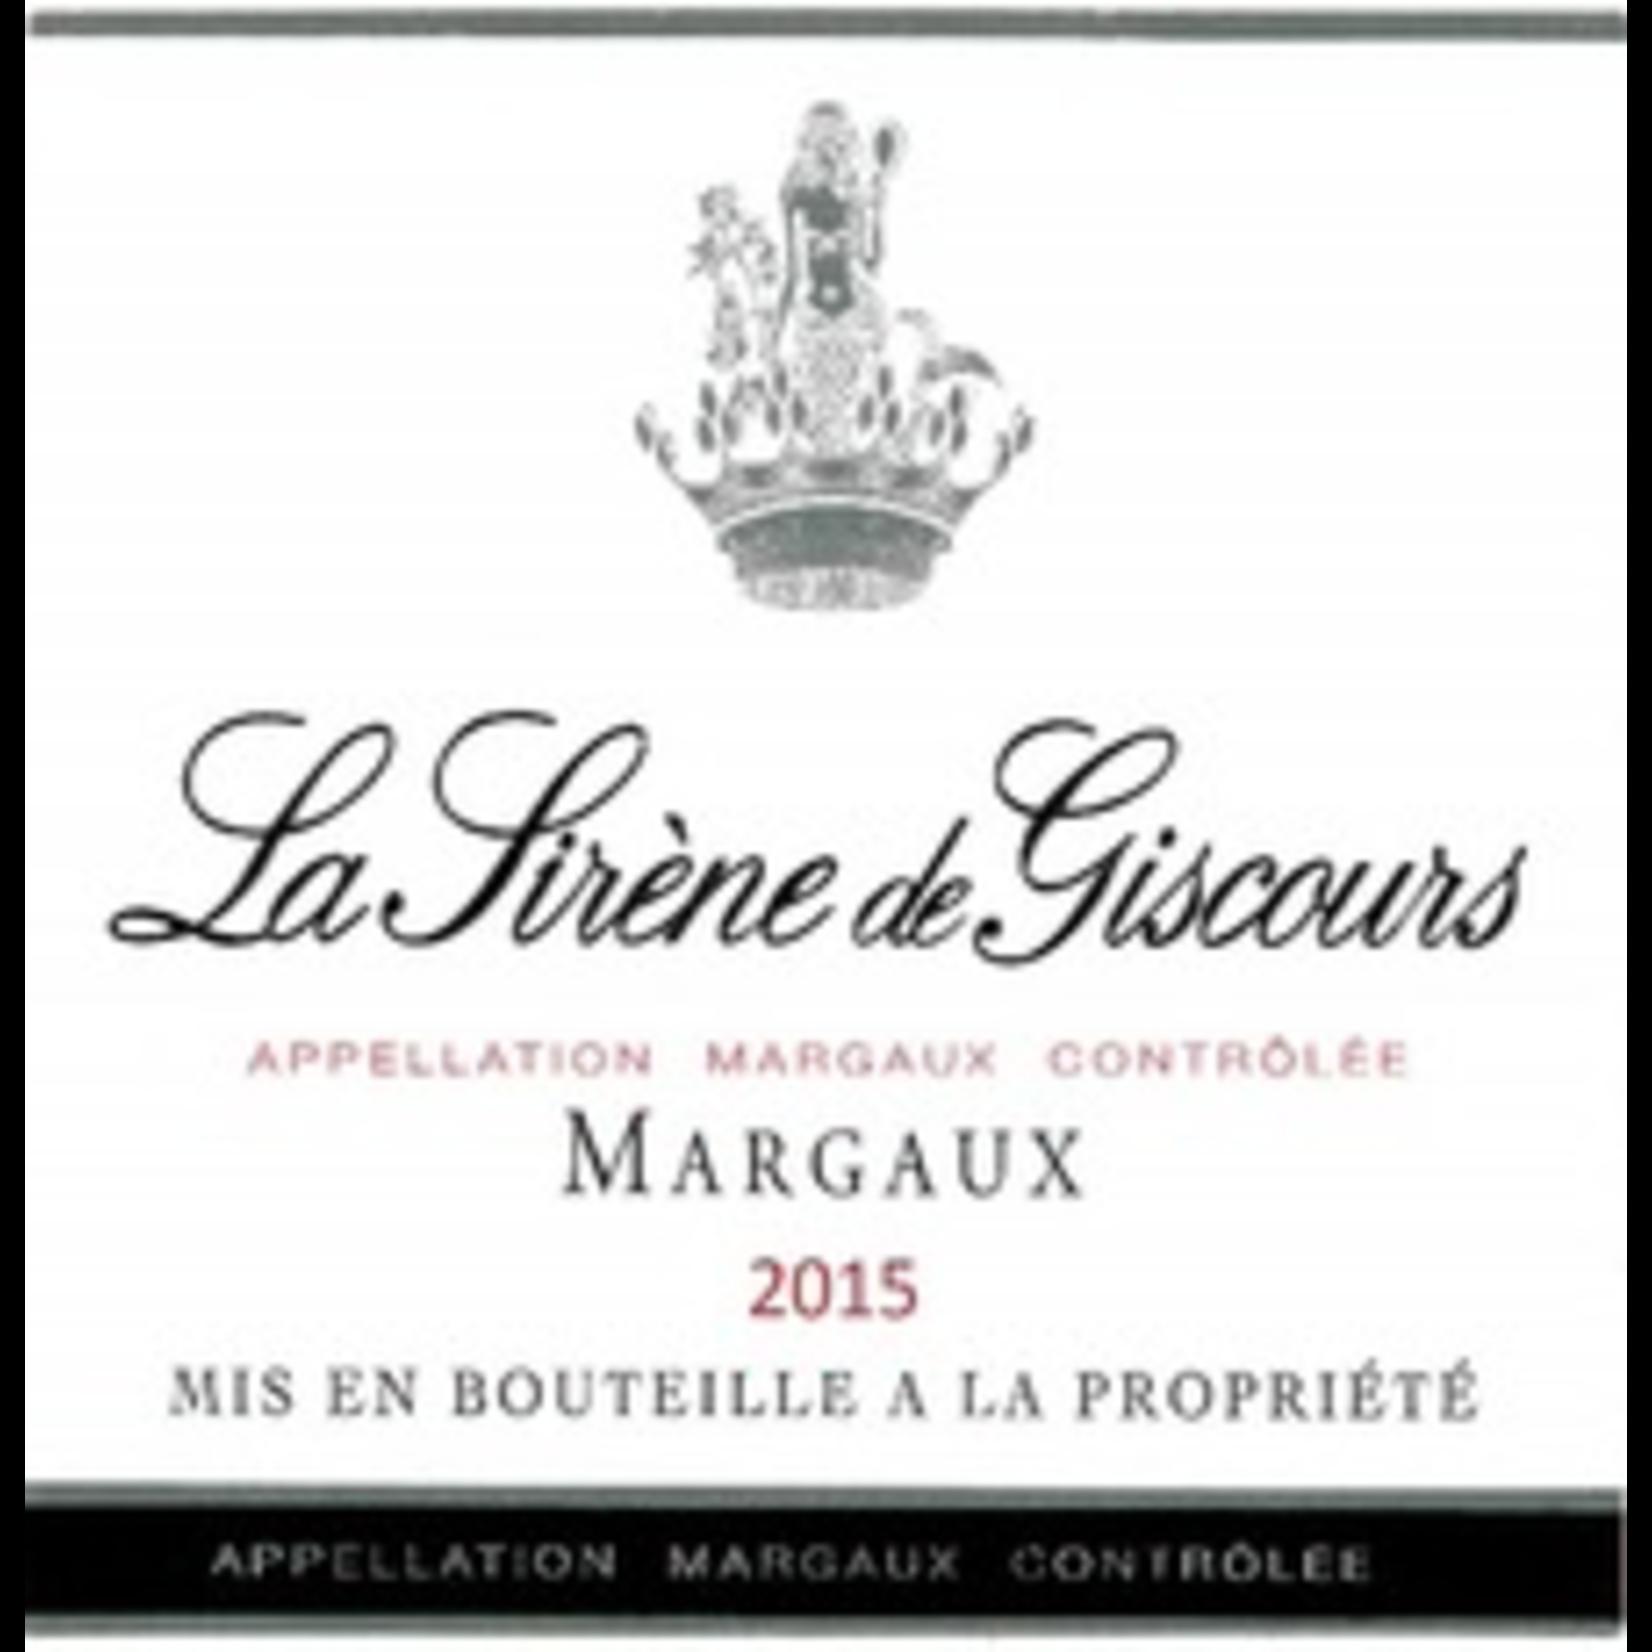 Wine La Sirene de Giscours Margaux 2015